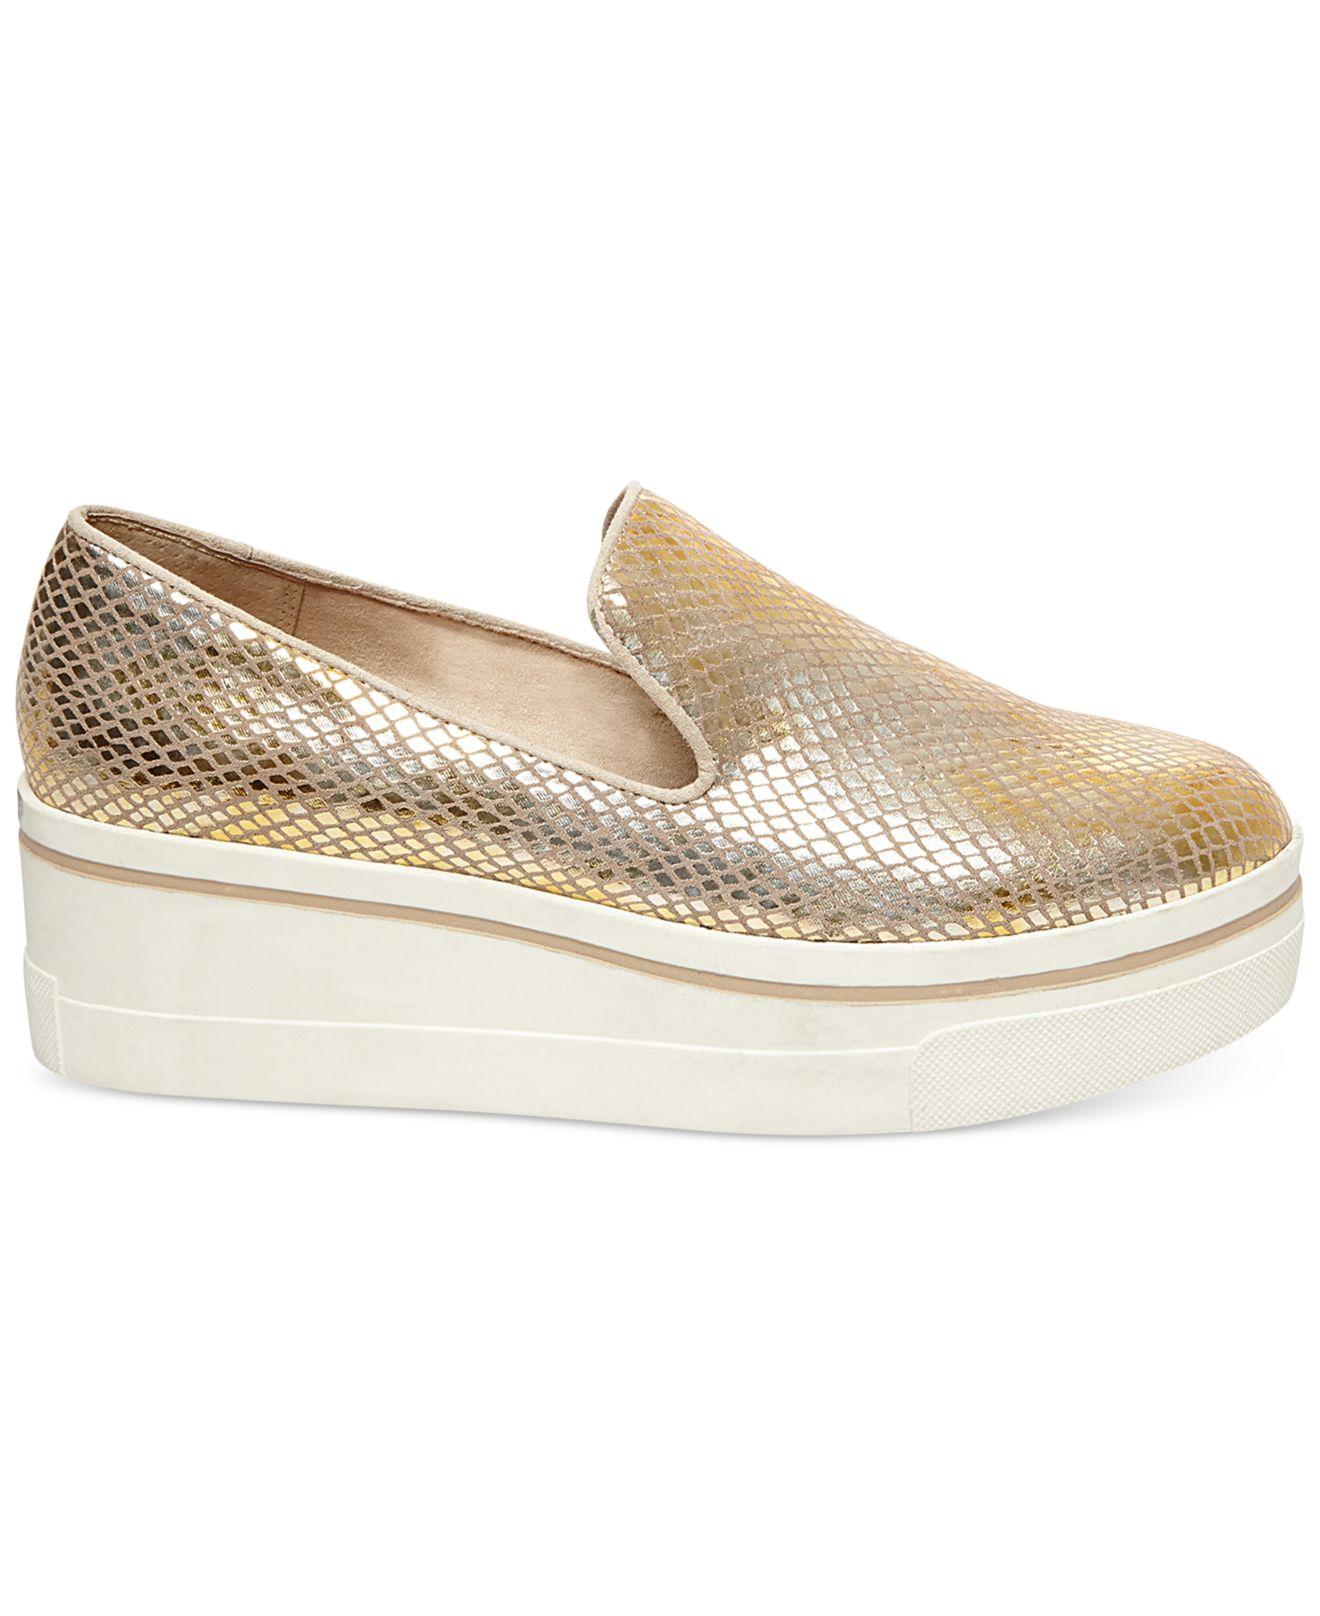 Steve Madden Slip On Shoes E